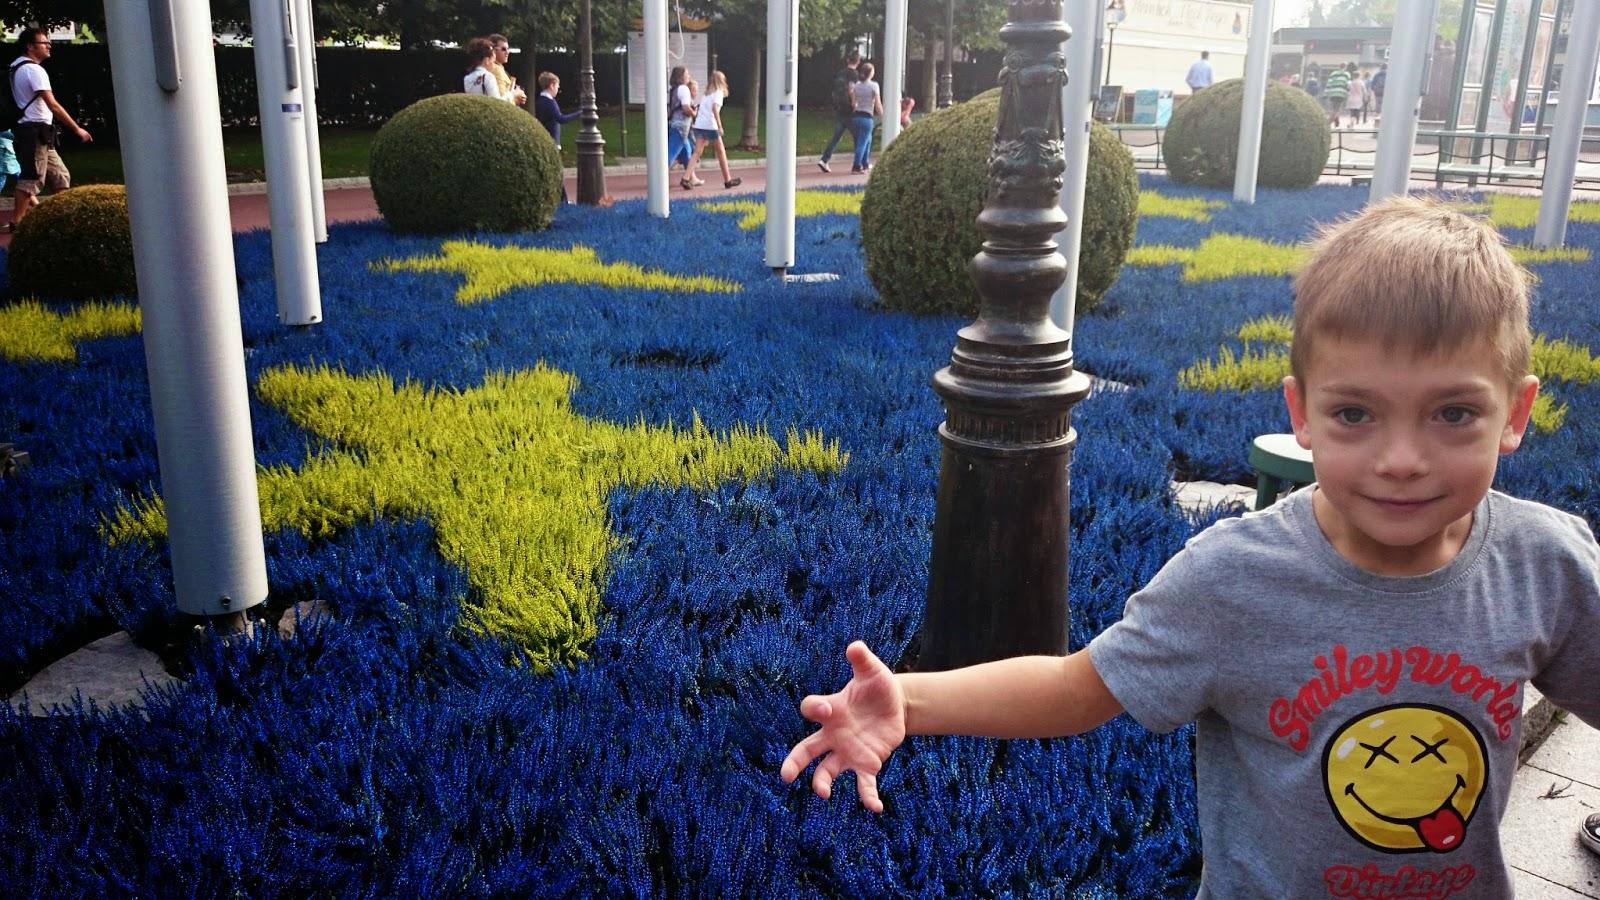 europa park,parrk rozrywki,wrzosy,kolorowe wrzosy,śmieszne koszulki